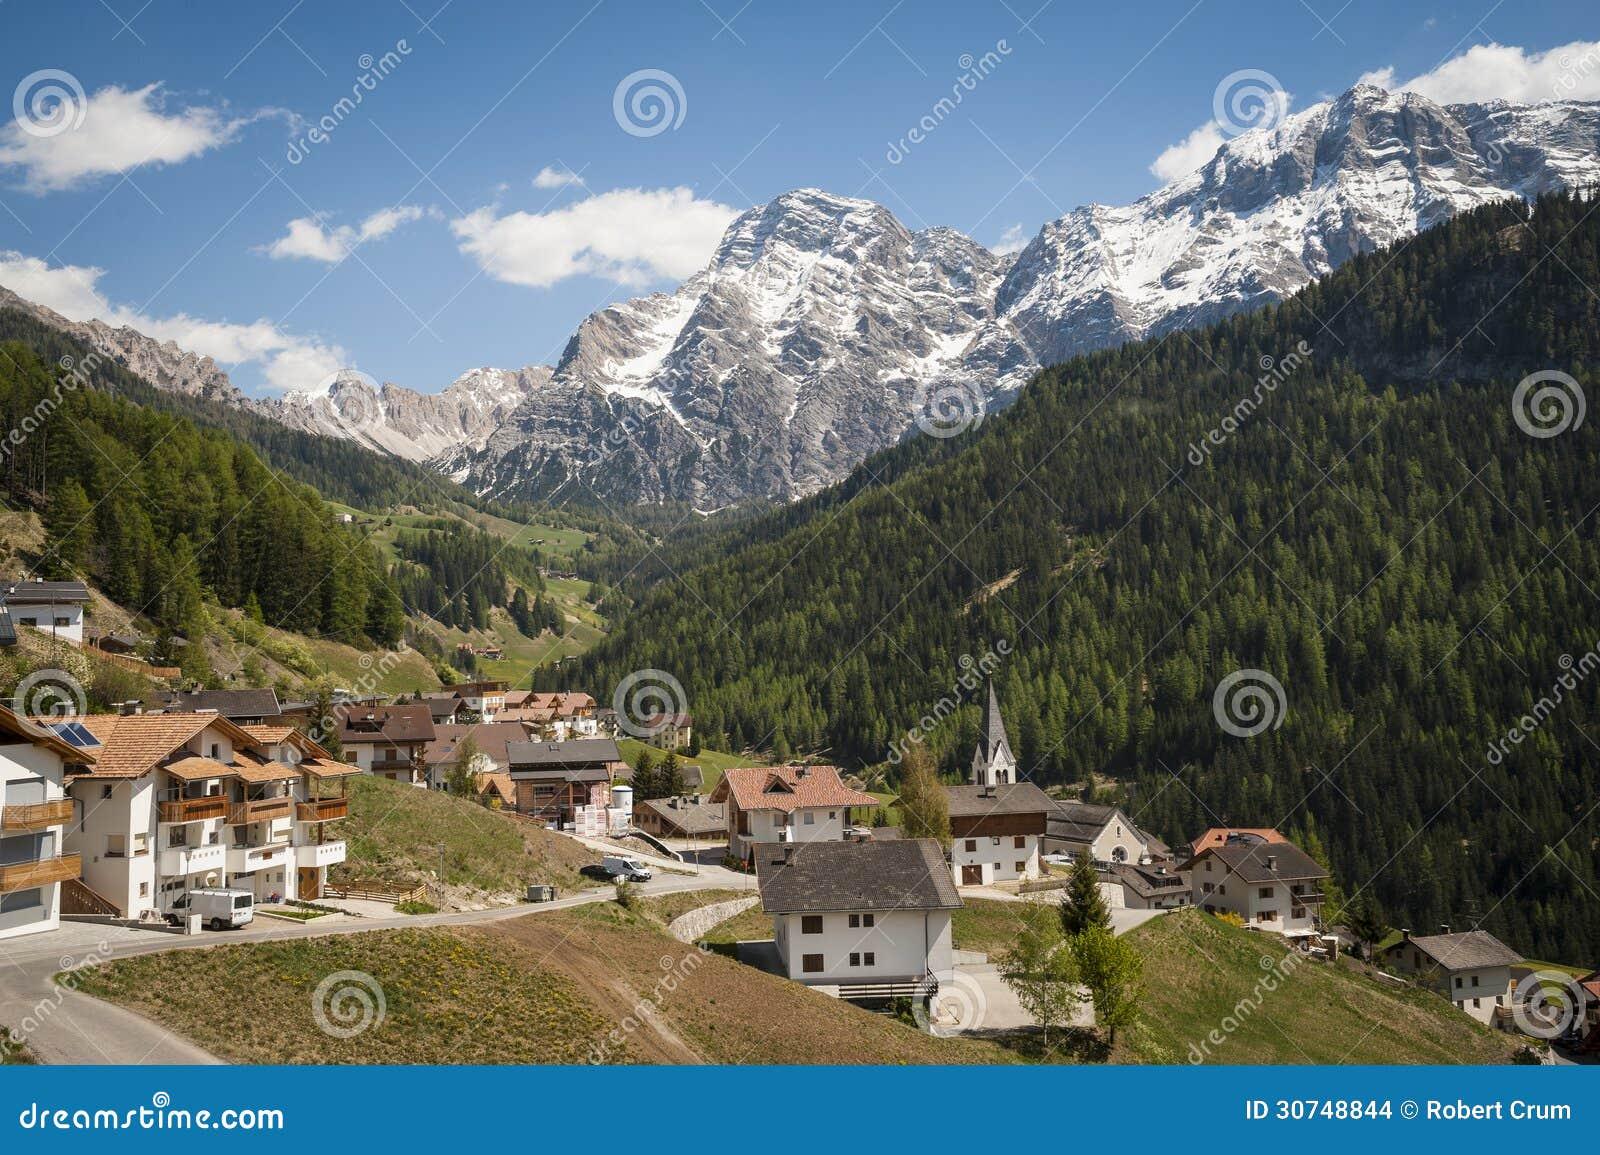 Paesino di montagna regione tirolese di italia del nord for Vacanze nord italia montagna